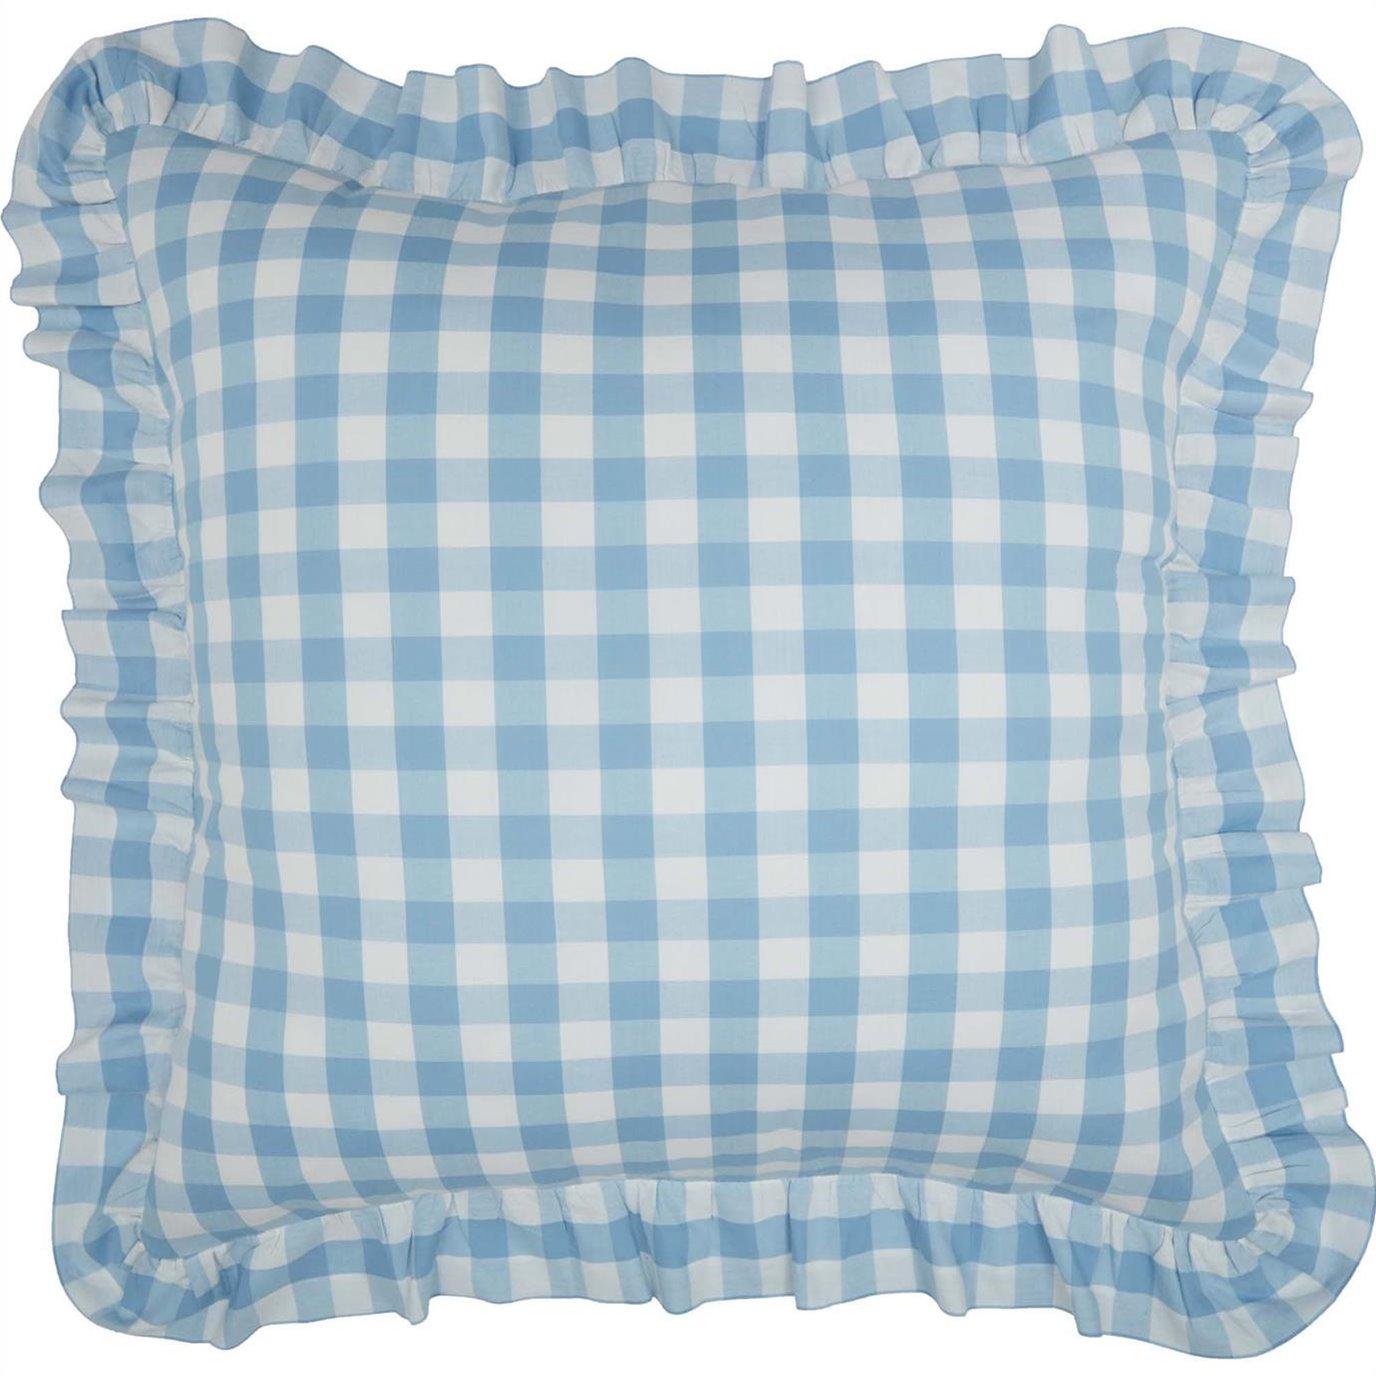 Annie Buffalo Blue Check Fabric Euro Sham 26x26